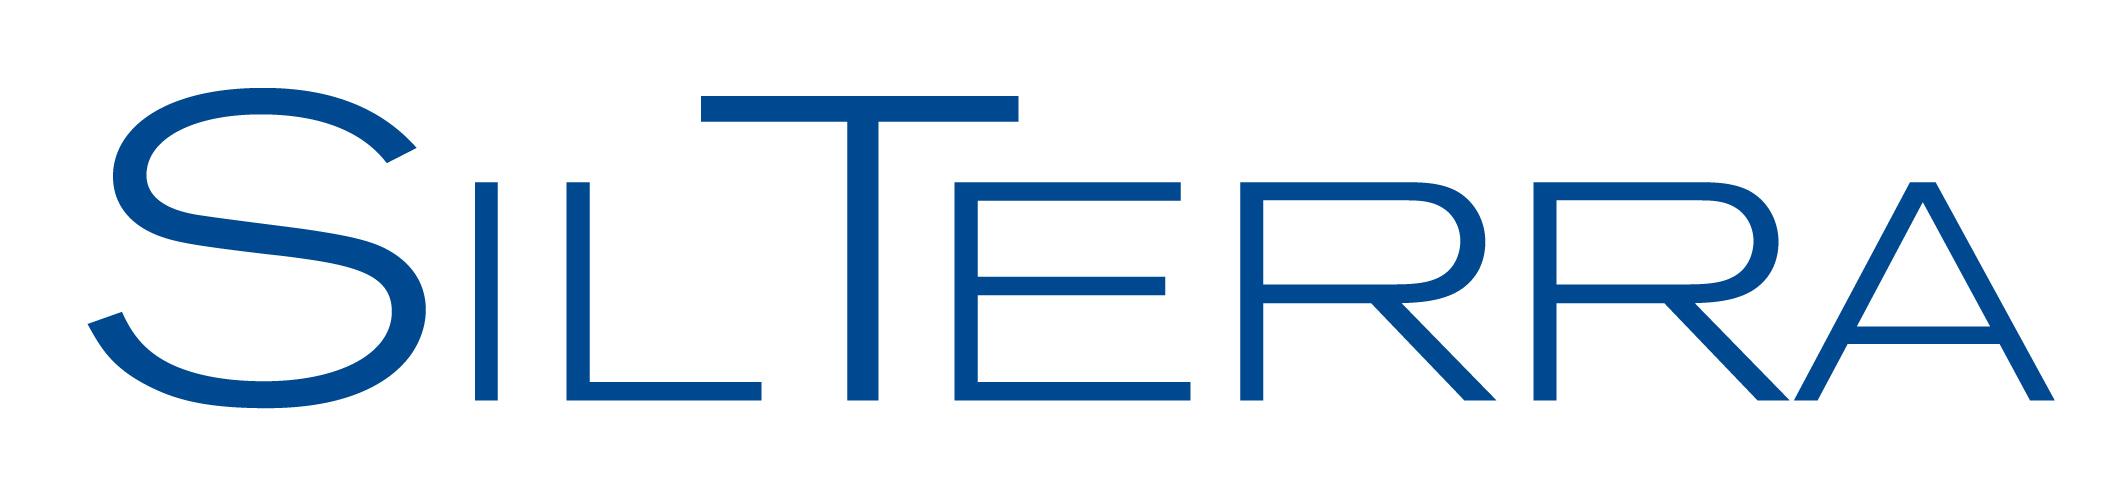 Silterra_Logo.jpg